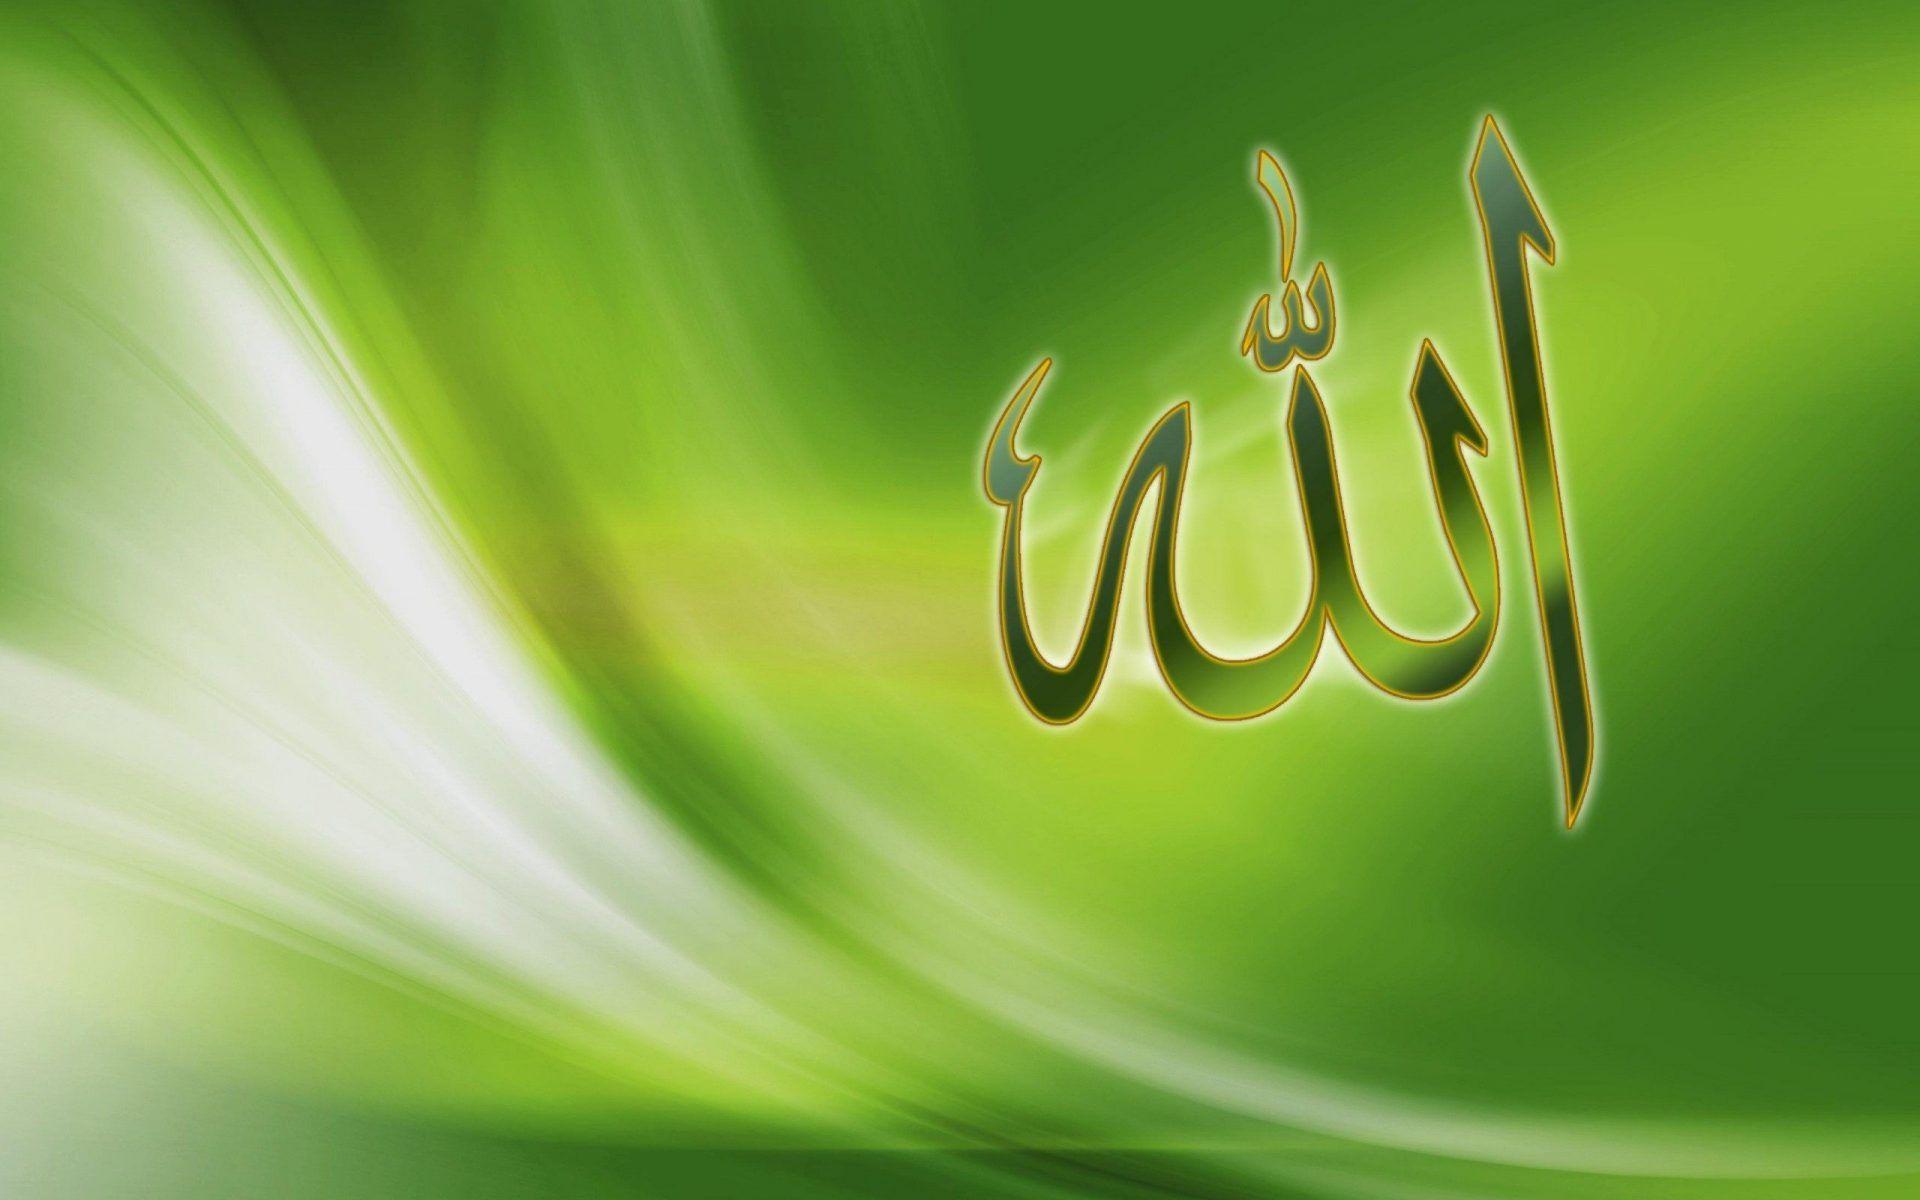 full HD ALLAH Name Wallpaper Desktop wallpaper download free for Widescreen, Mobile, Table ...